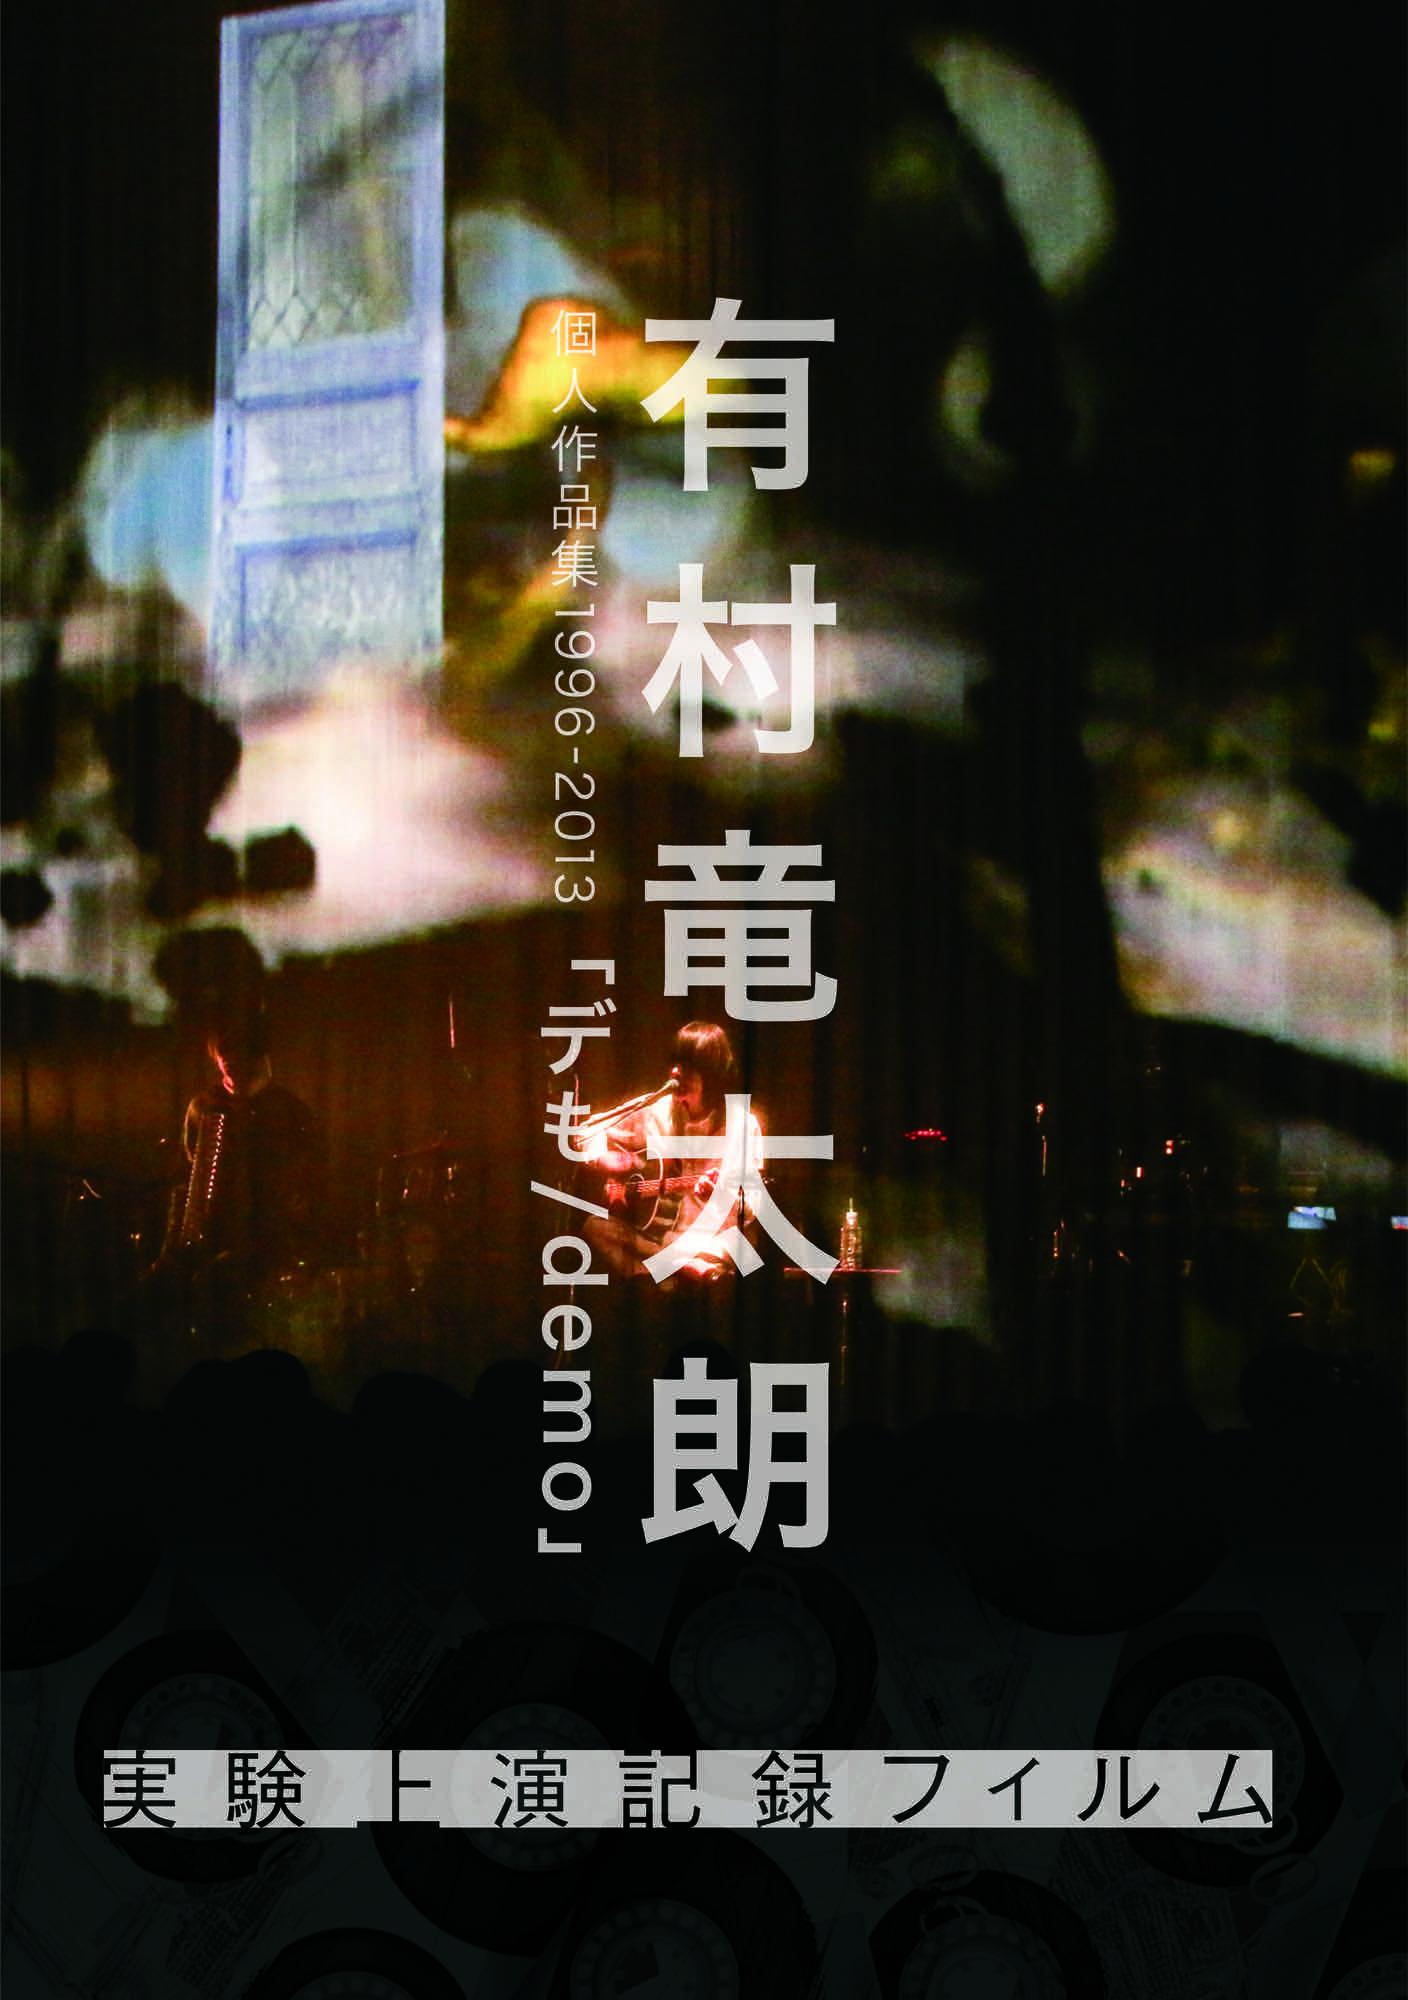 個人作品集1996-2013「デも/demo」-実験上演記録フィルム- 通常盤 (全国販売)